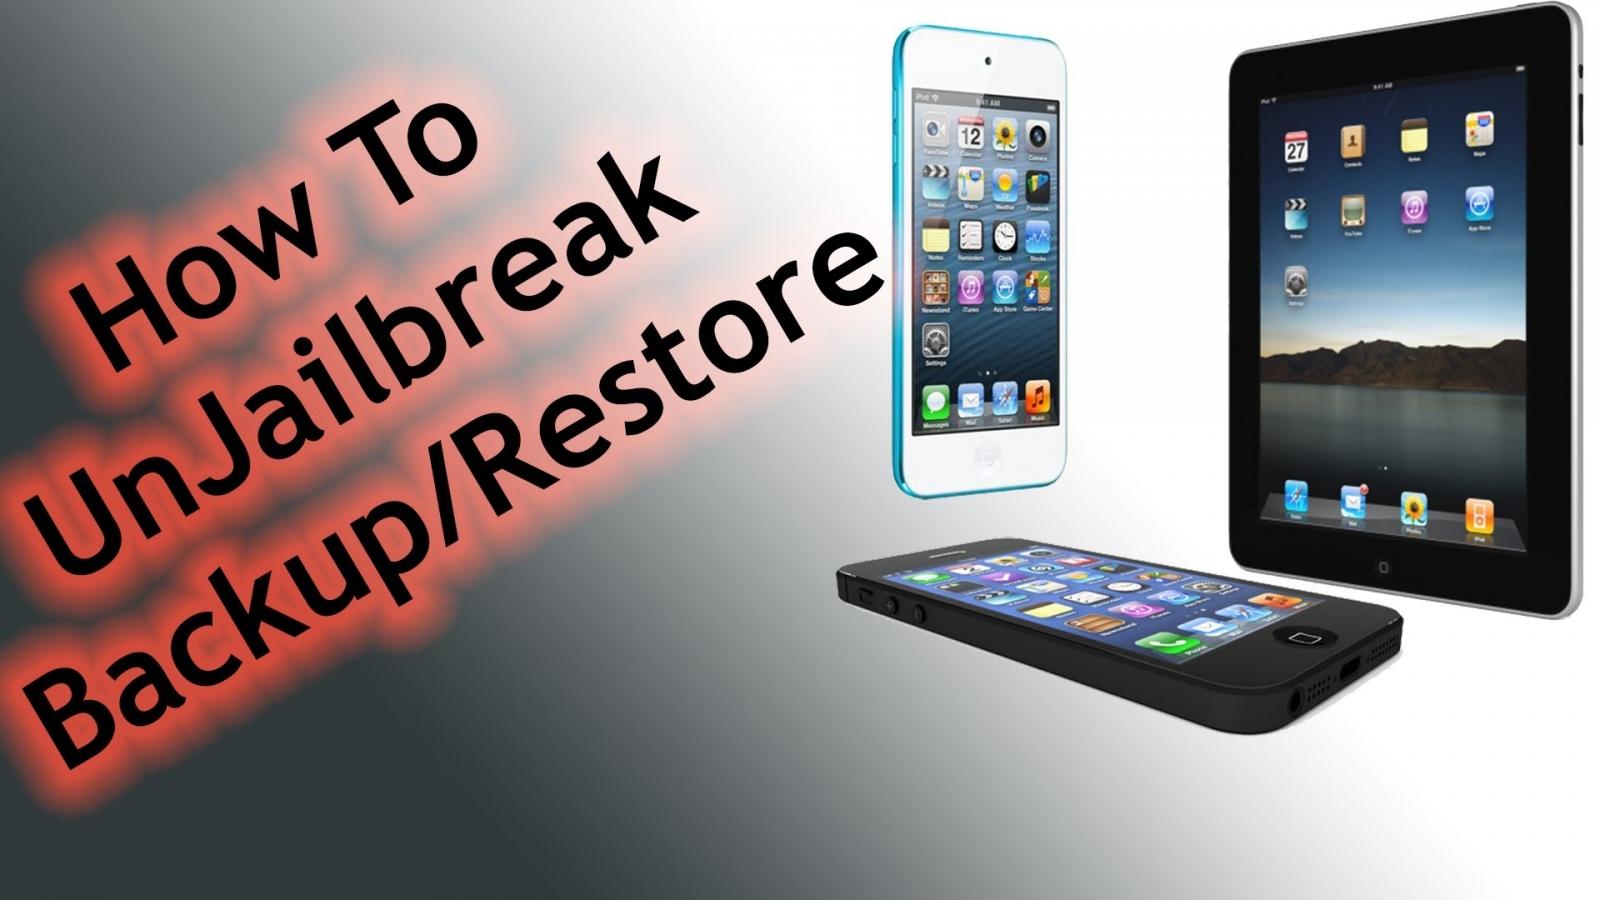 How to unjailbreak iPhone, iPad